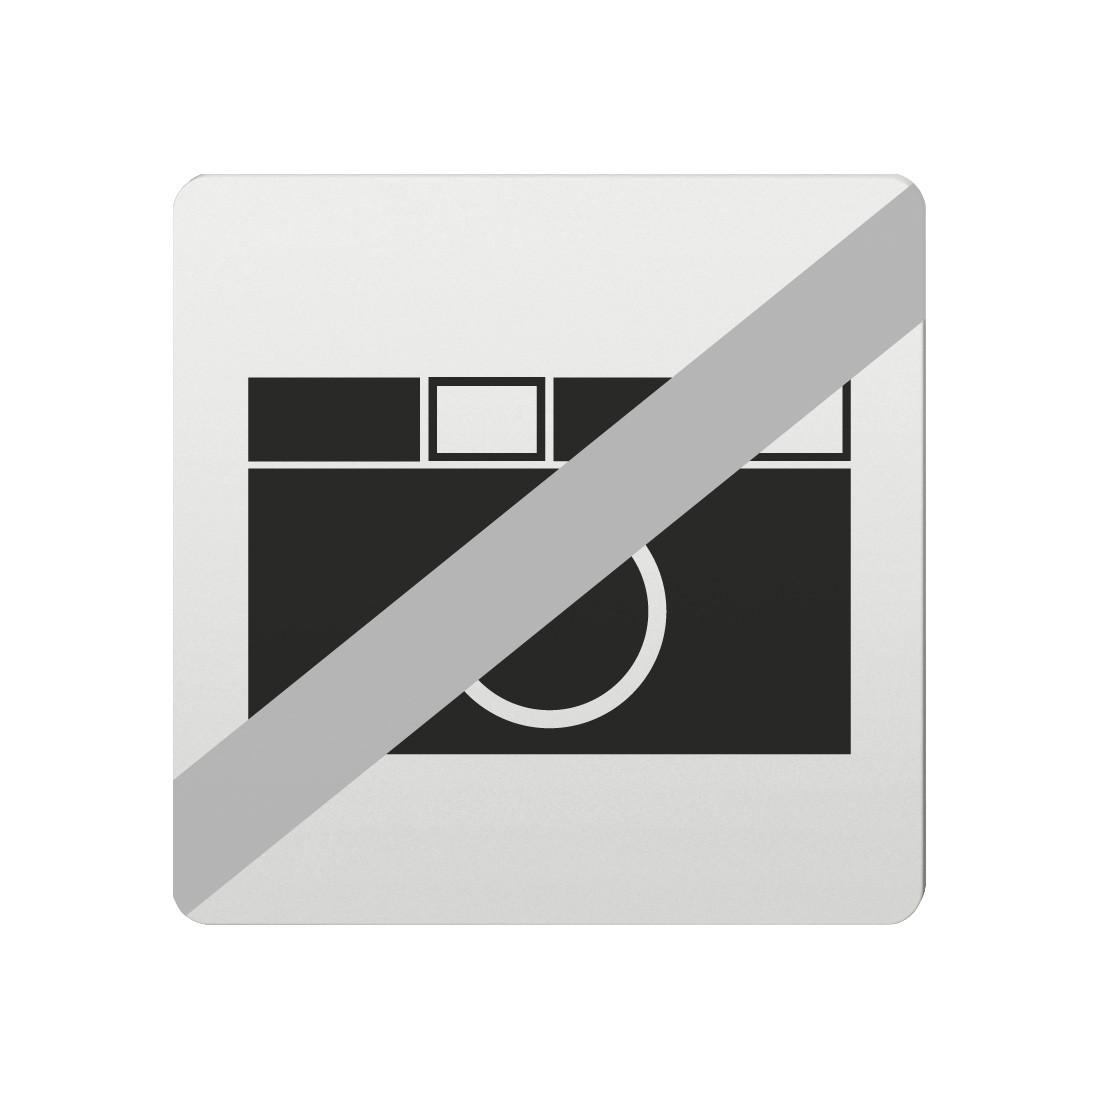 FSB Hinweiszeichen Fotografieren verboten Lasergraviert Aluminium naturfarbig (0 36 4059 00034 0105)